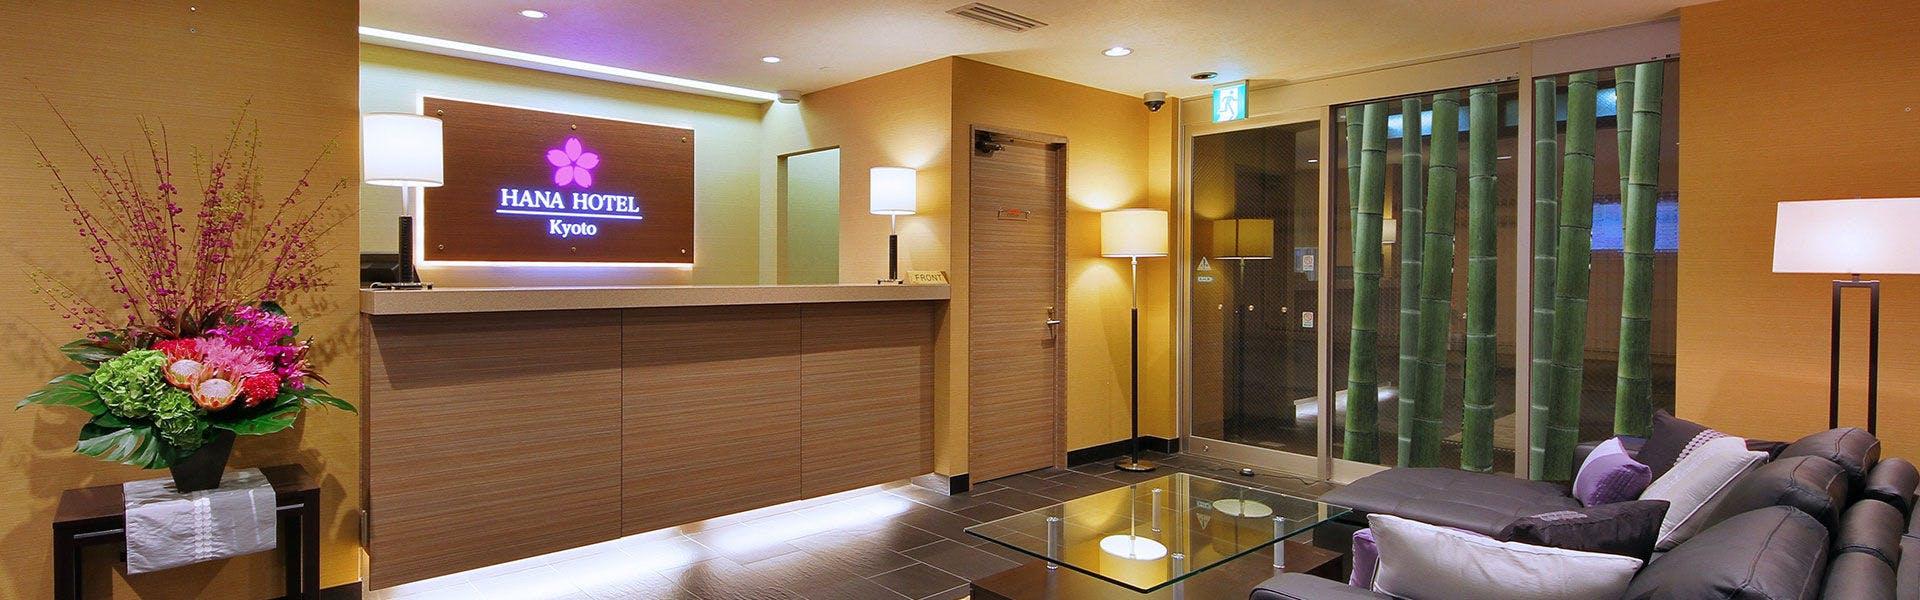 京都花ホテル - 宿泊予約は[一休.com]